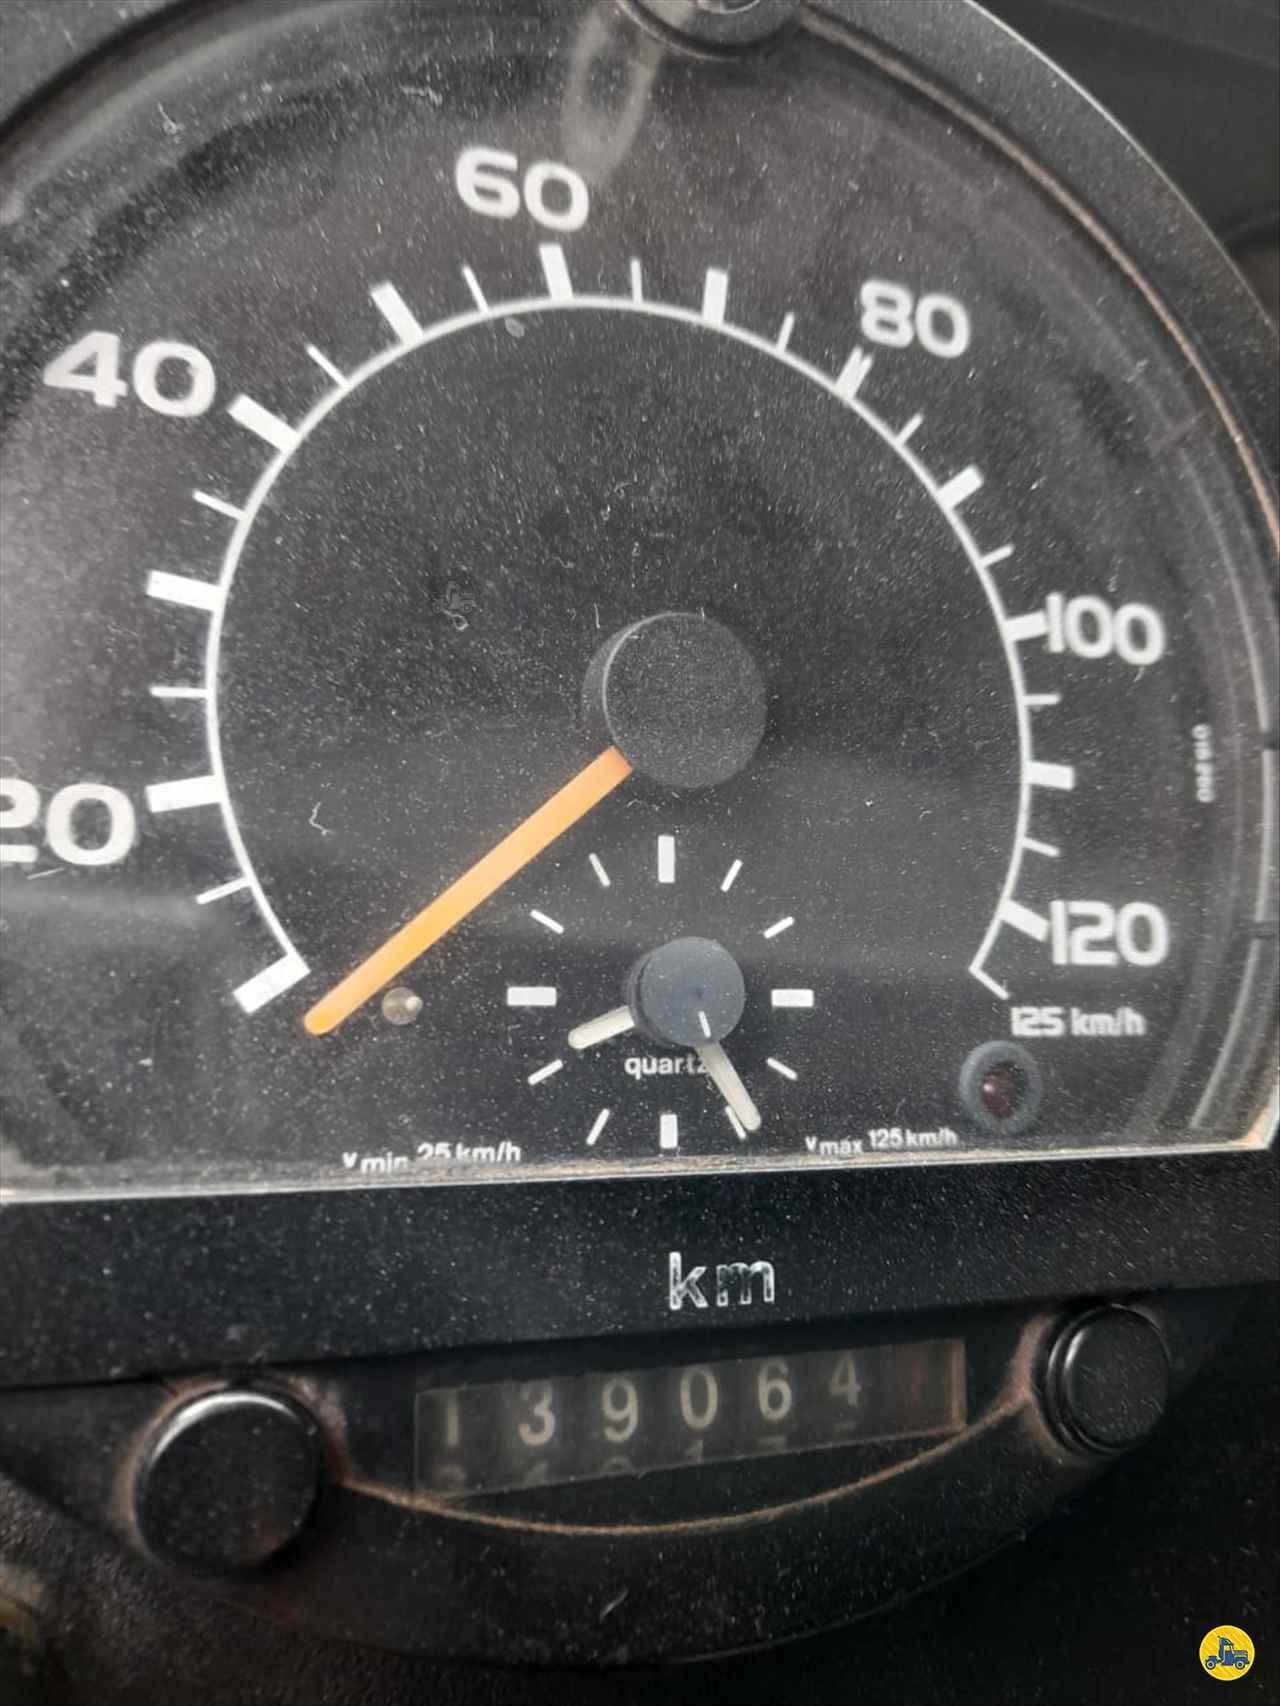 VOLVO VOLVO NL12 360 1360000km 1999/1999 DKM Caminhões